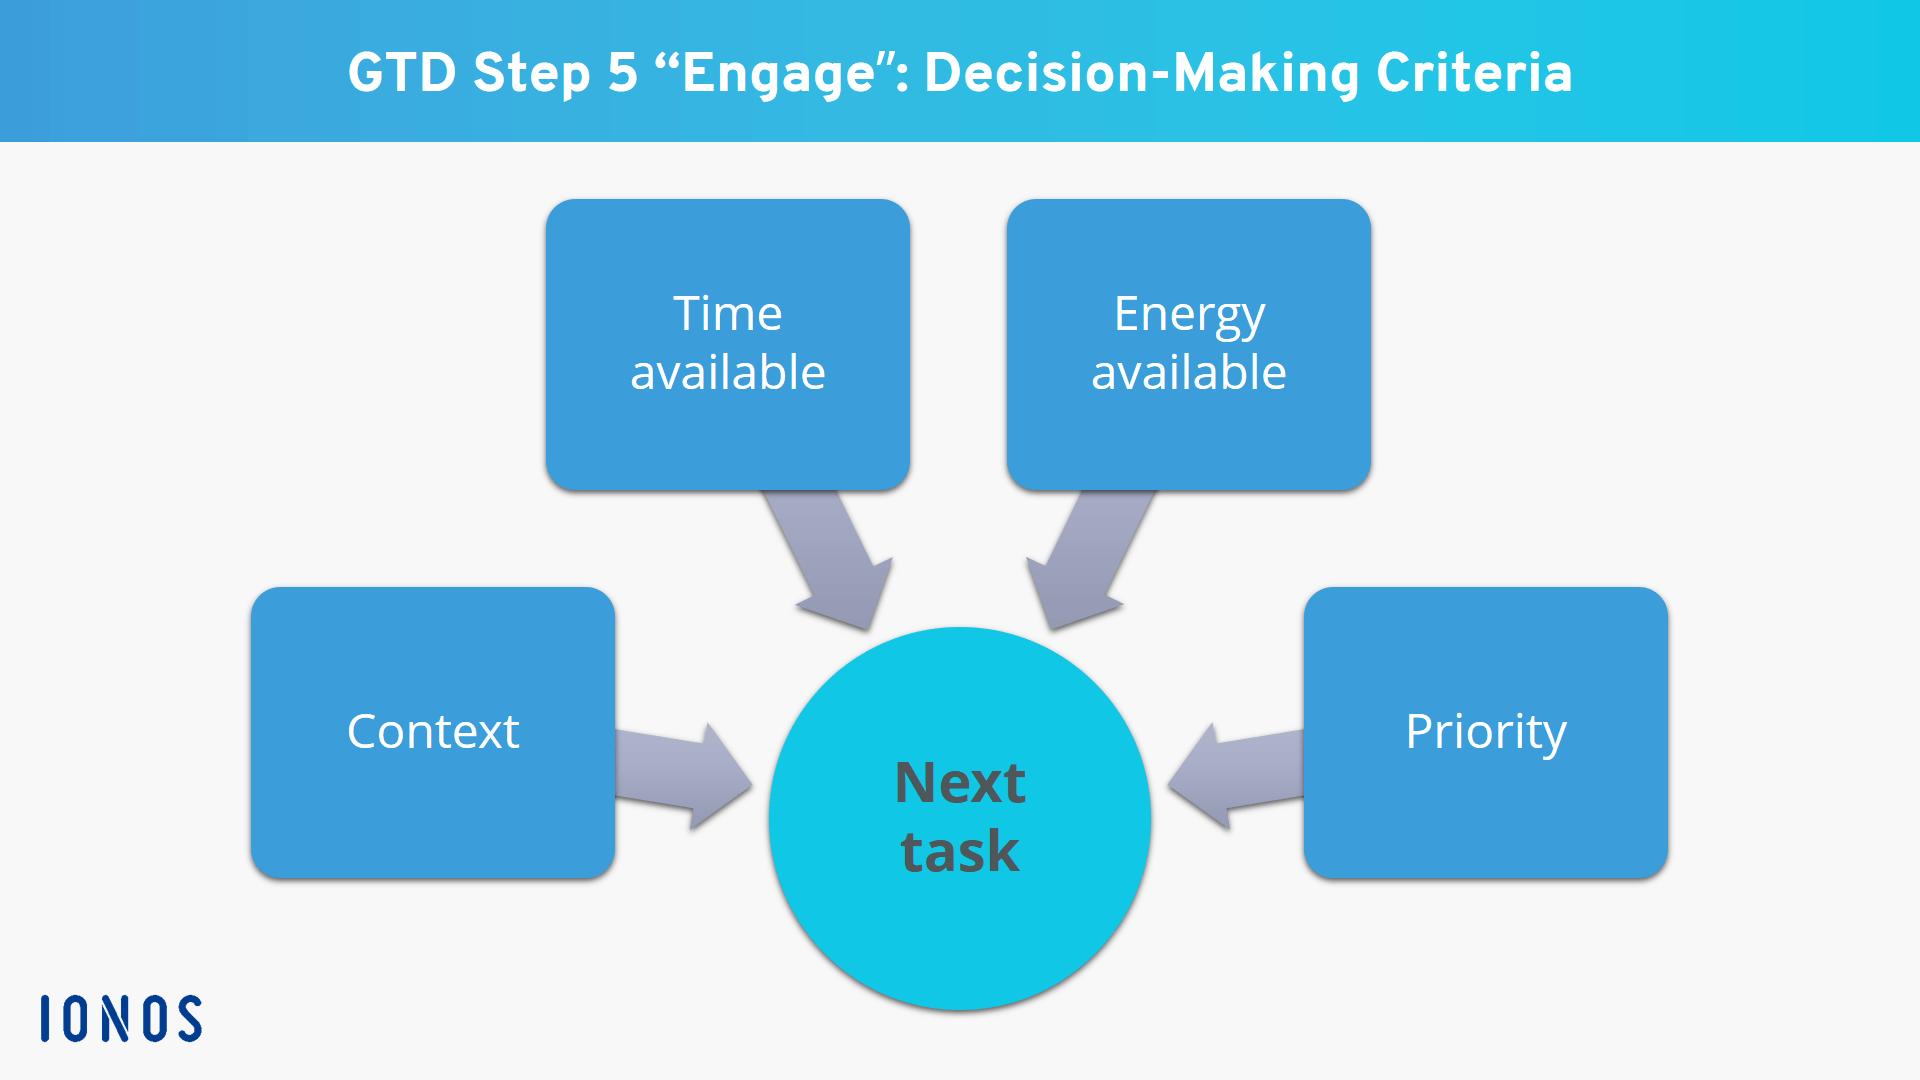 GTD criteria for deciding what to do next